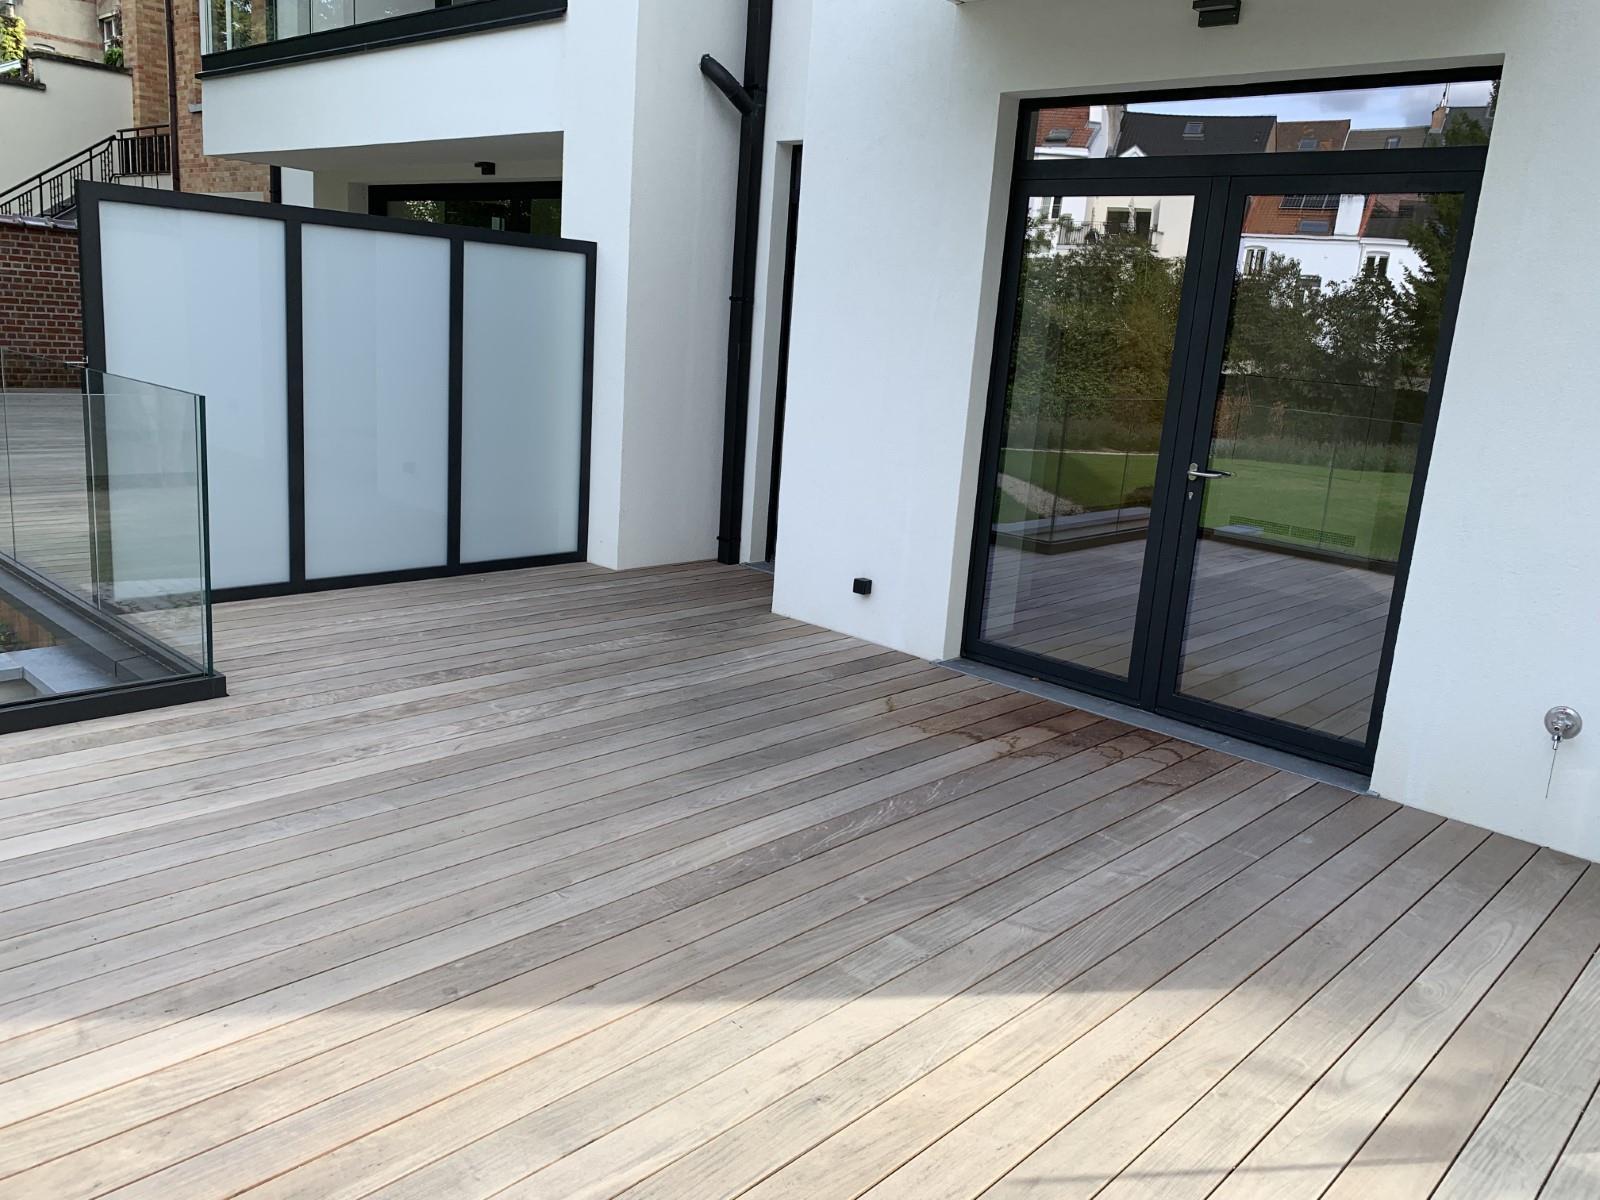 Appartement exceptionnel - Ixelles - #3964982-4